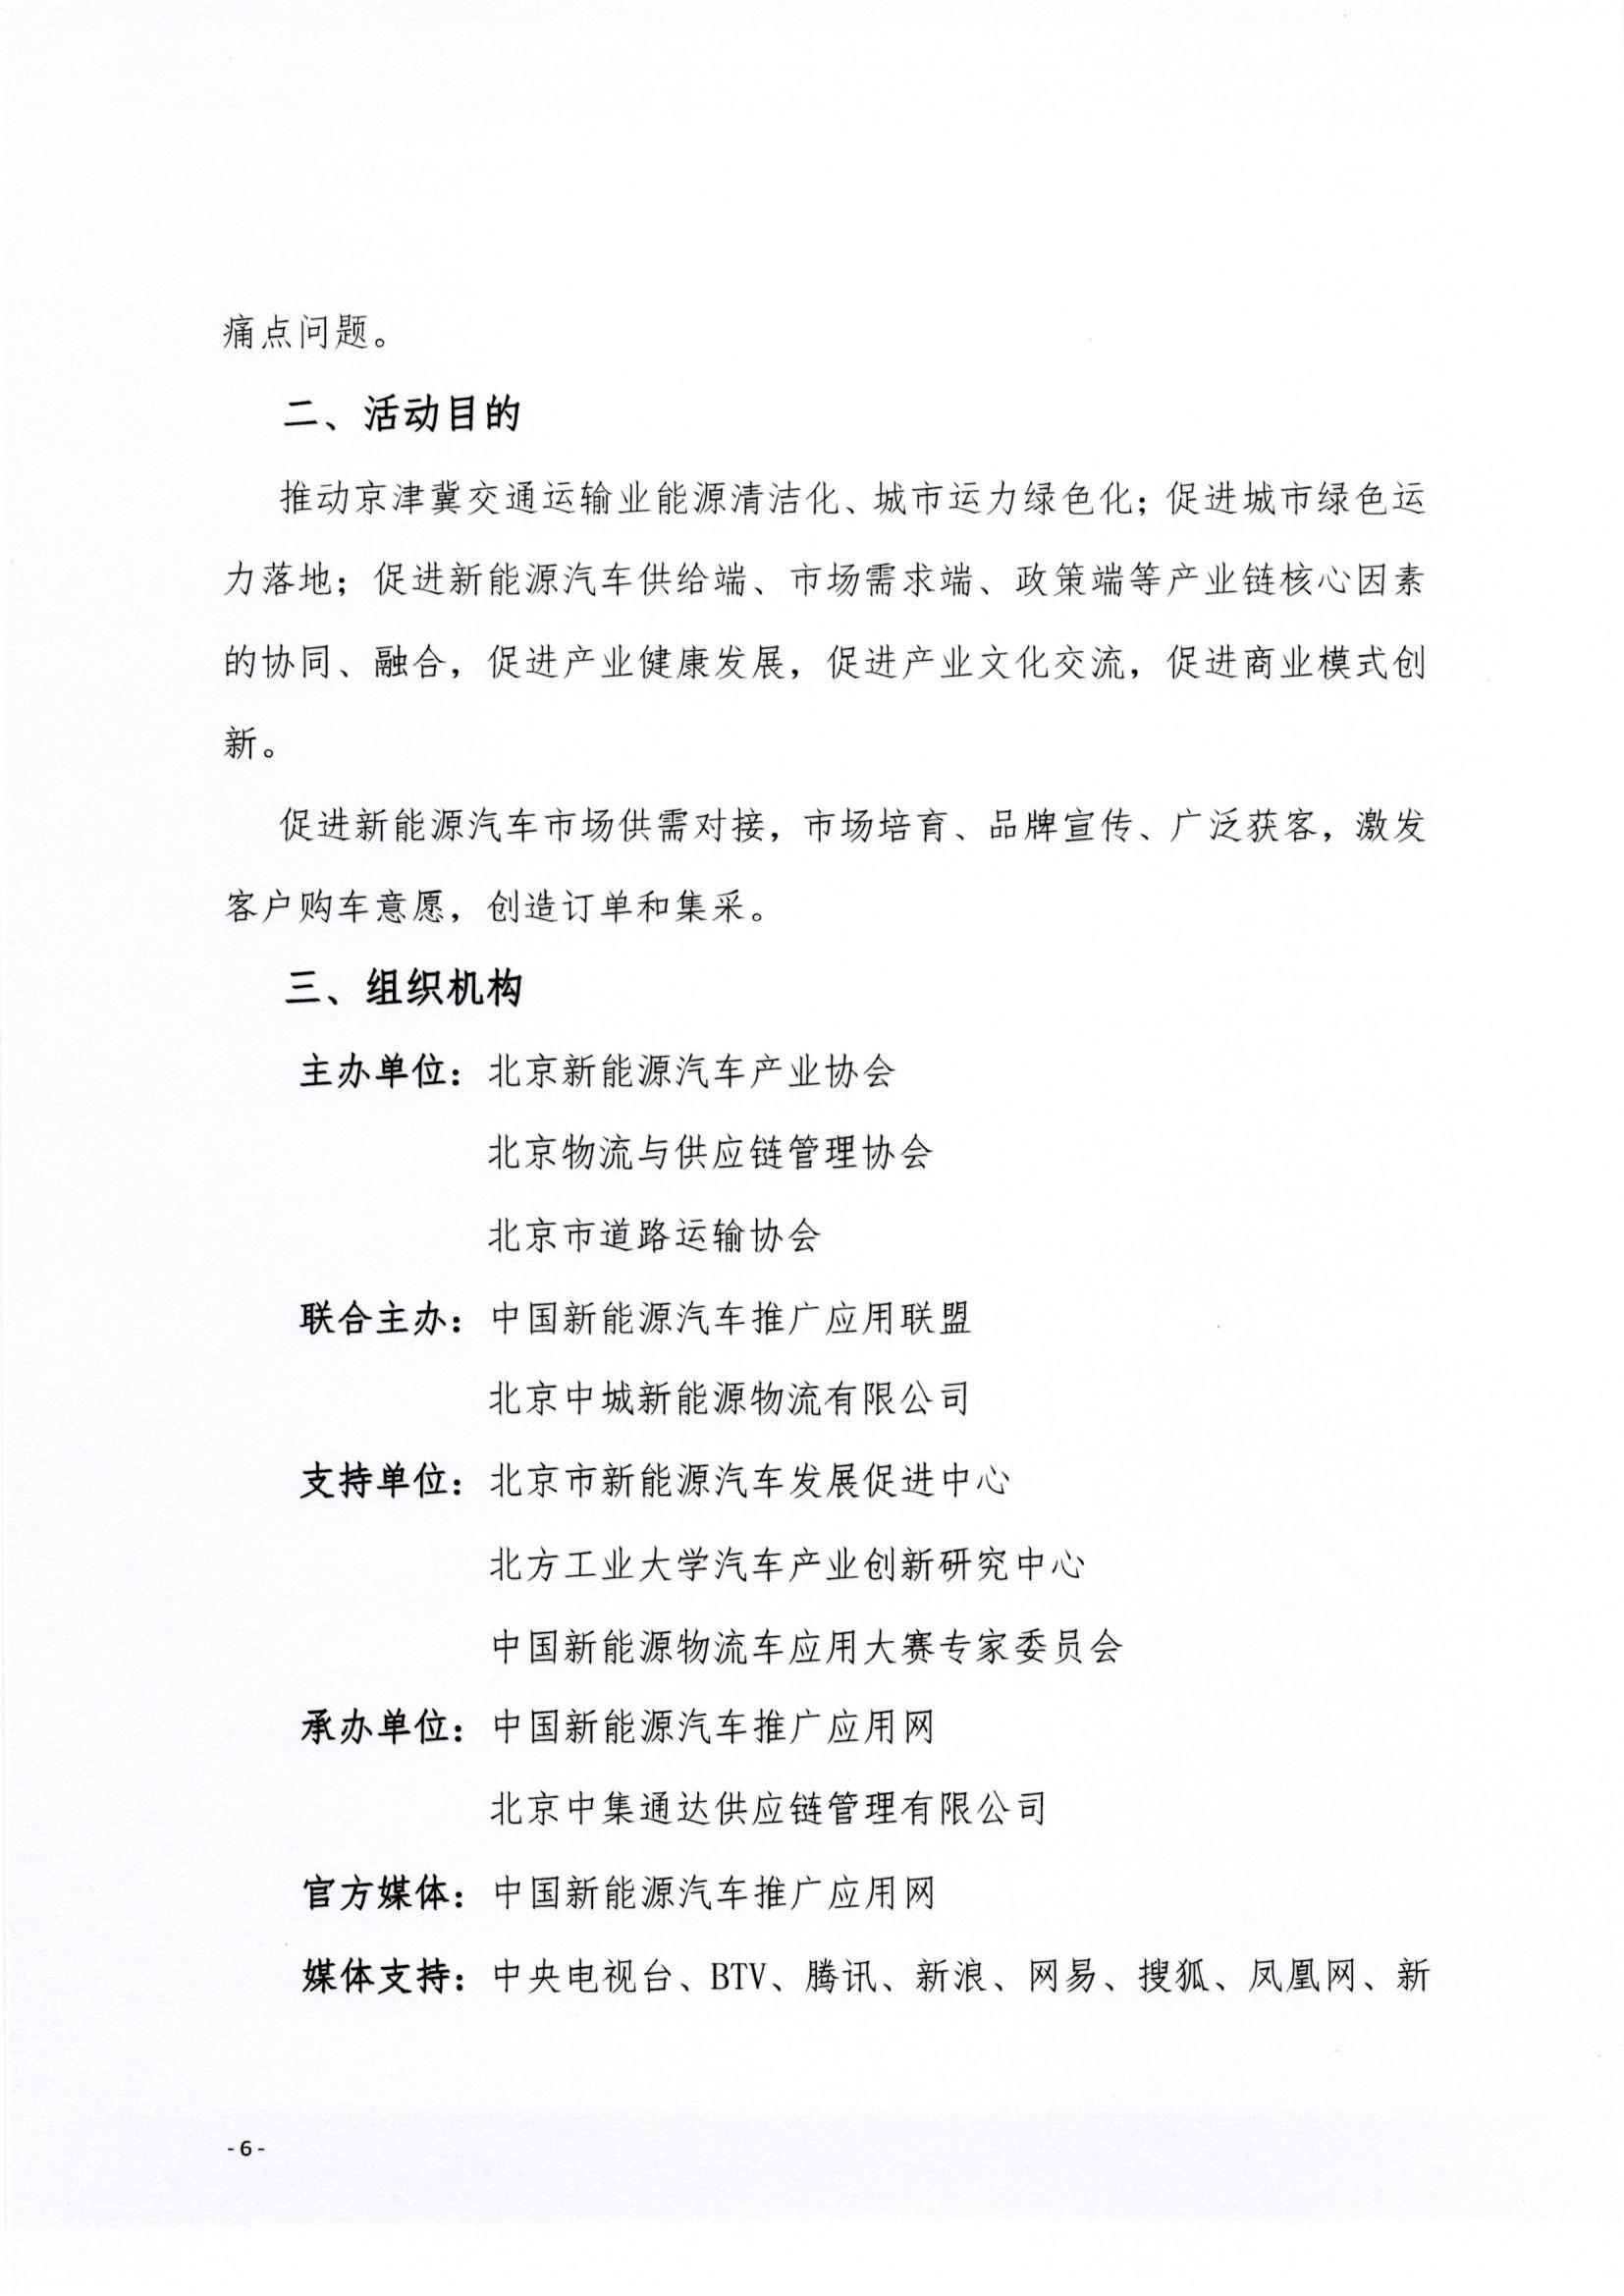 新能源物流车赛事(带方案)_页面_06.jpg